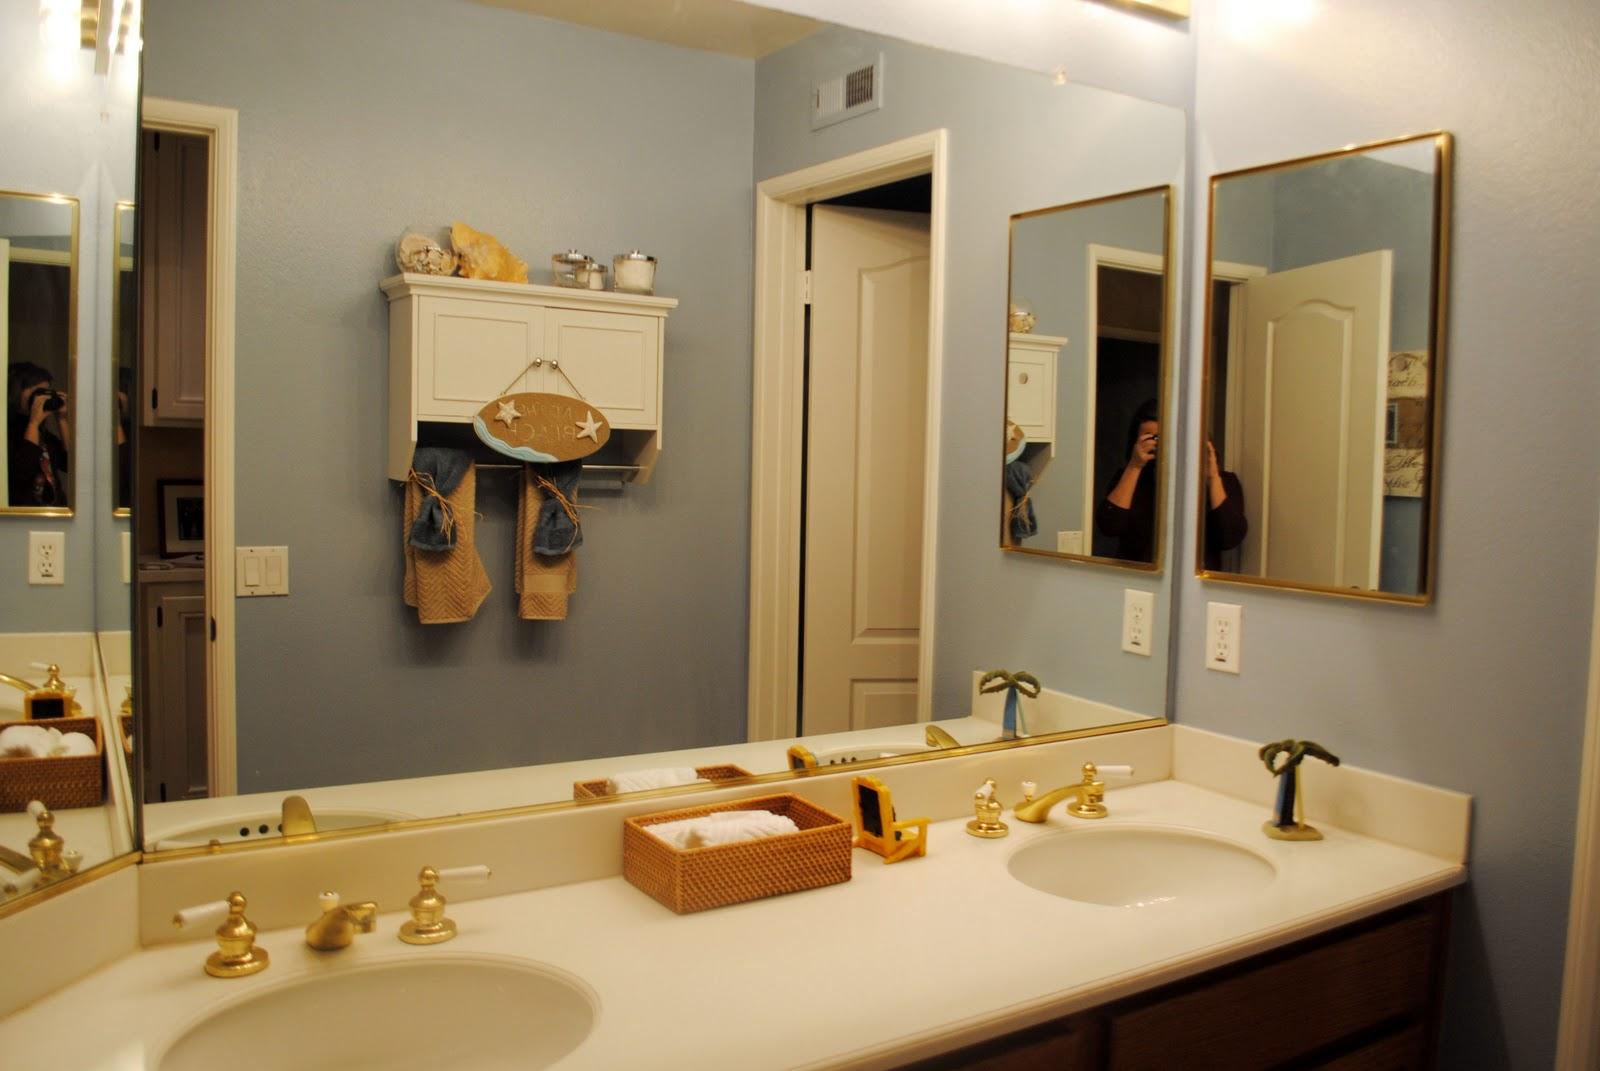 Bathroom Ideas 1434x1580 House Decorating Ideas Beach Themed Bathroom 1600x1071